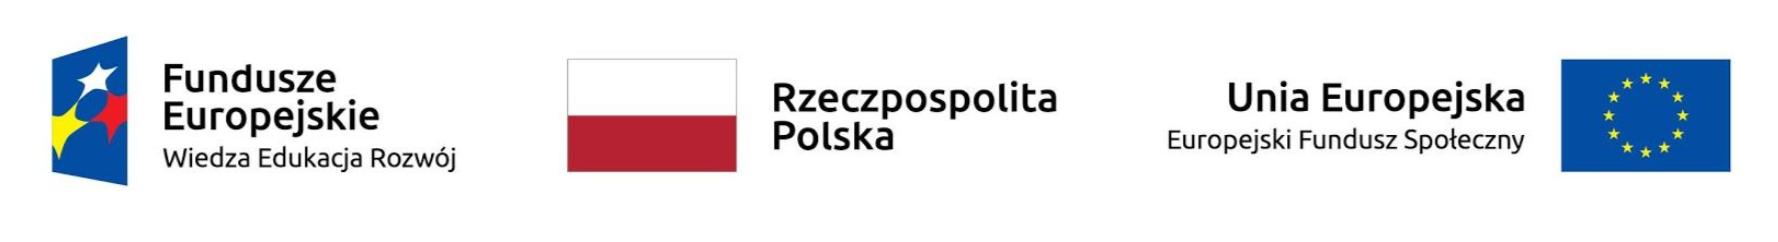 Logo Funduszy Europejskich (Wiedza Edukacja Rozwój), Flaga RP, Flaga UE